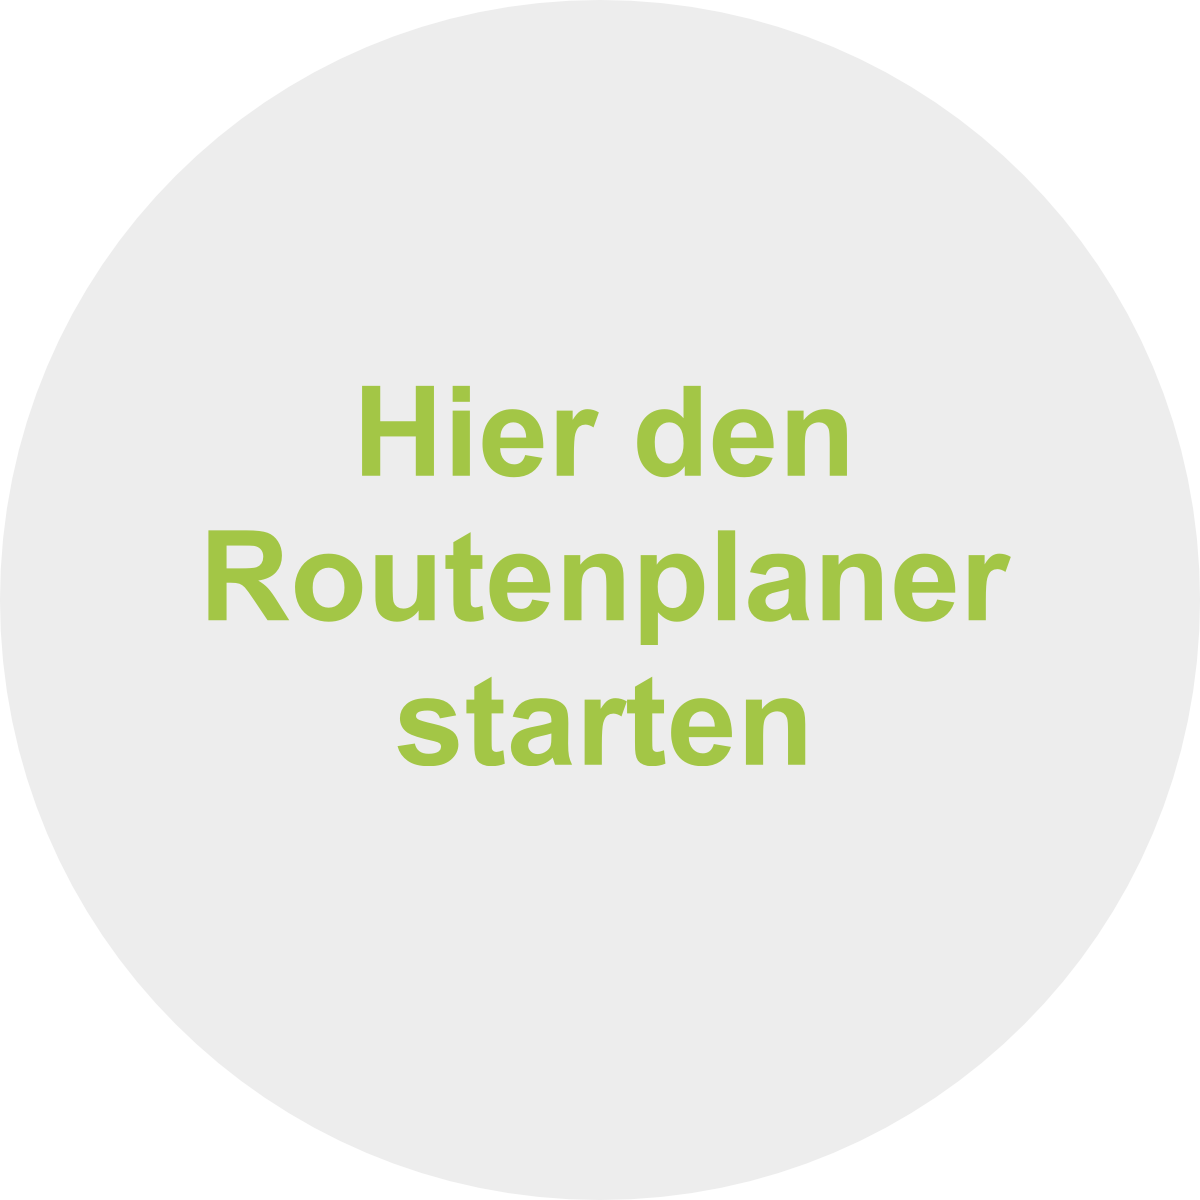 Button - Hier den Routenplaner starten